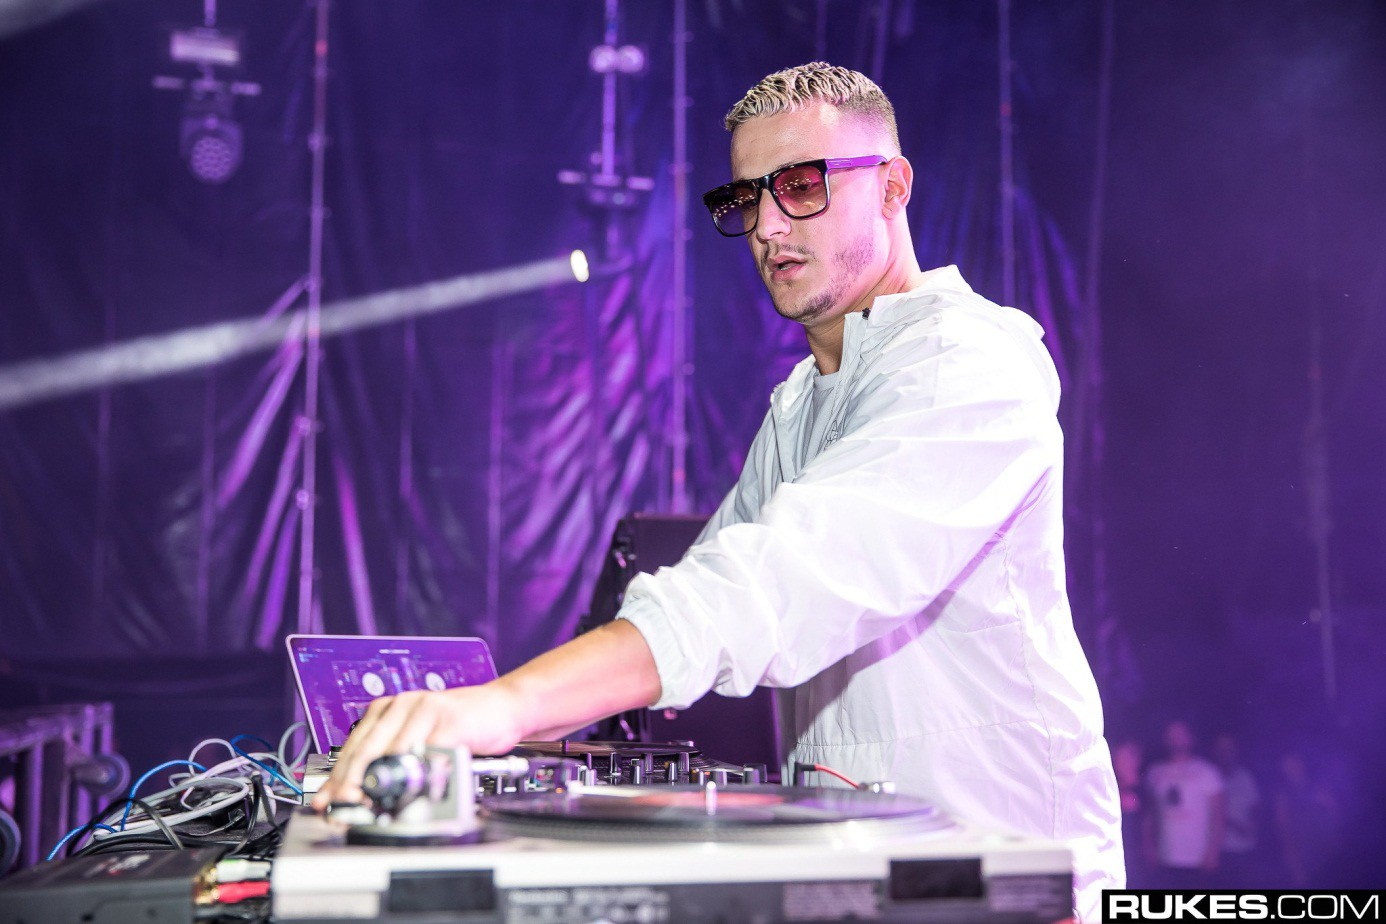 """Ca khúc hợp tác của DJ Snake và Black Pink có nguy cơ bị """"khai tử"""" vì động thái này! - Ảnh 2."""